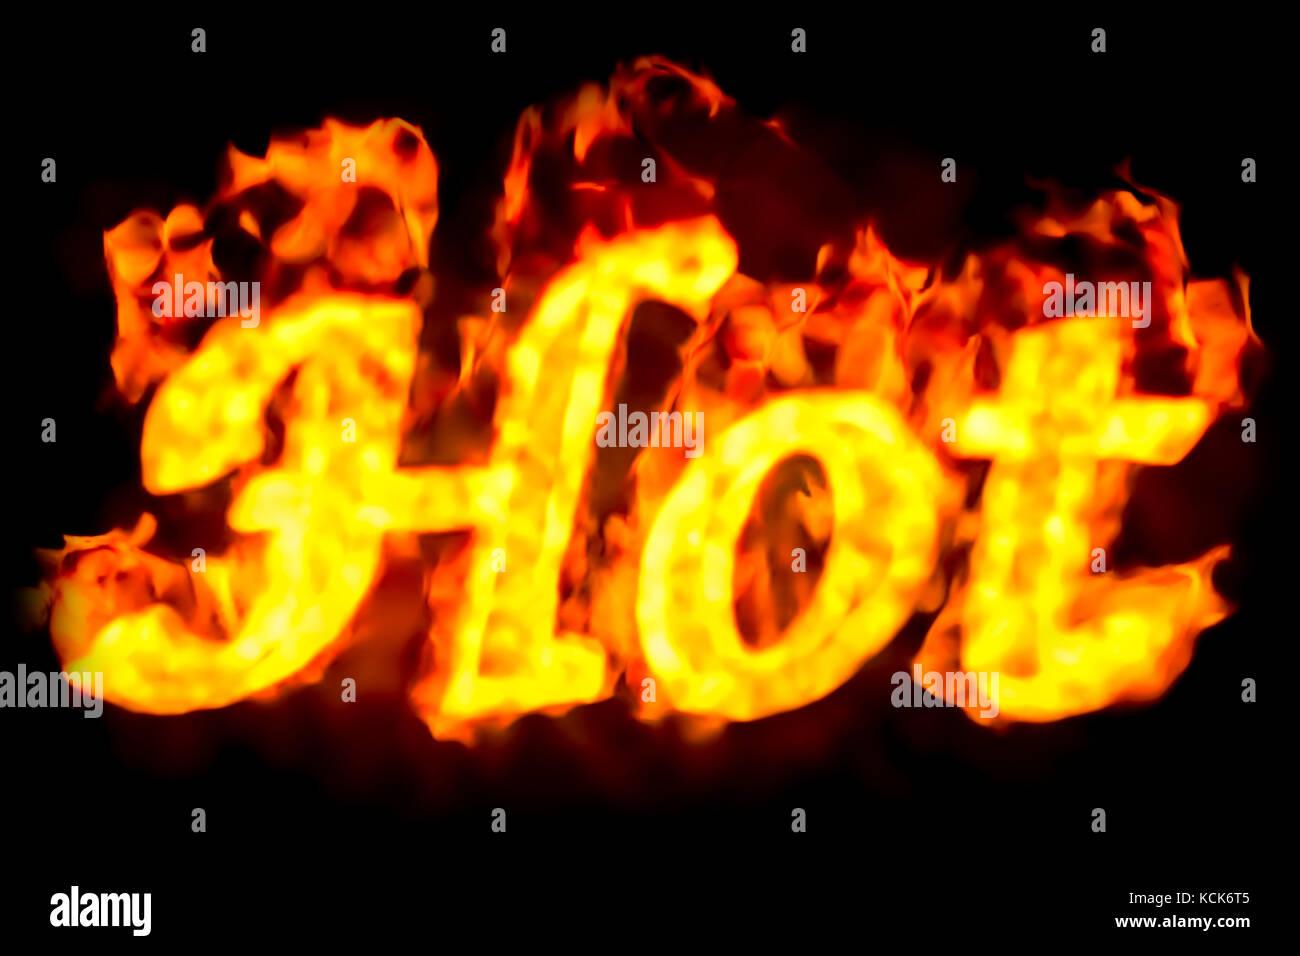 Feuer heiß Inschrift, 3D-Rendering Stockfoto, Bild: 162691653 - Alamy